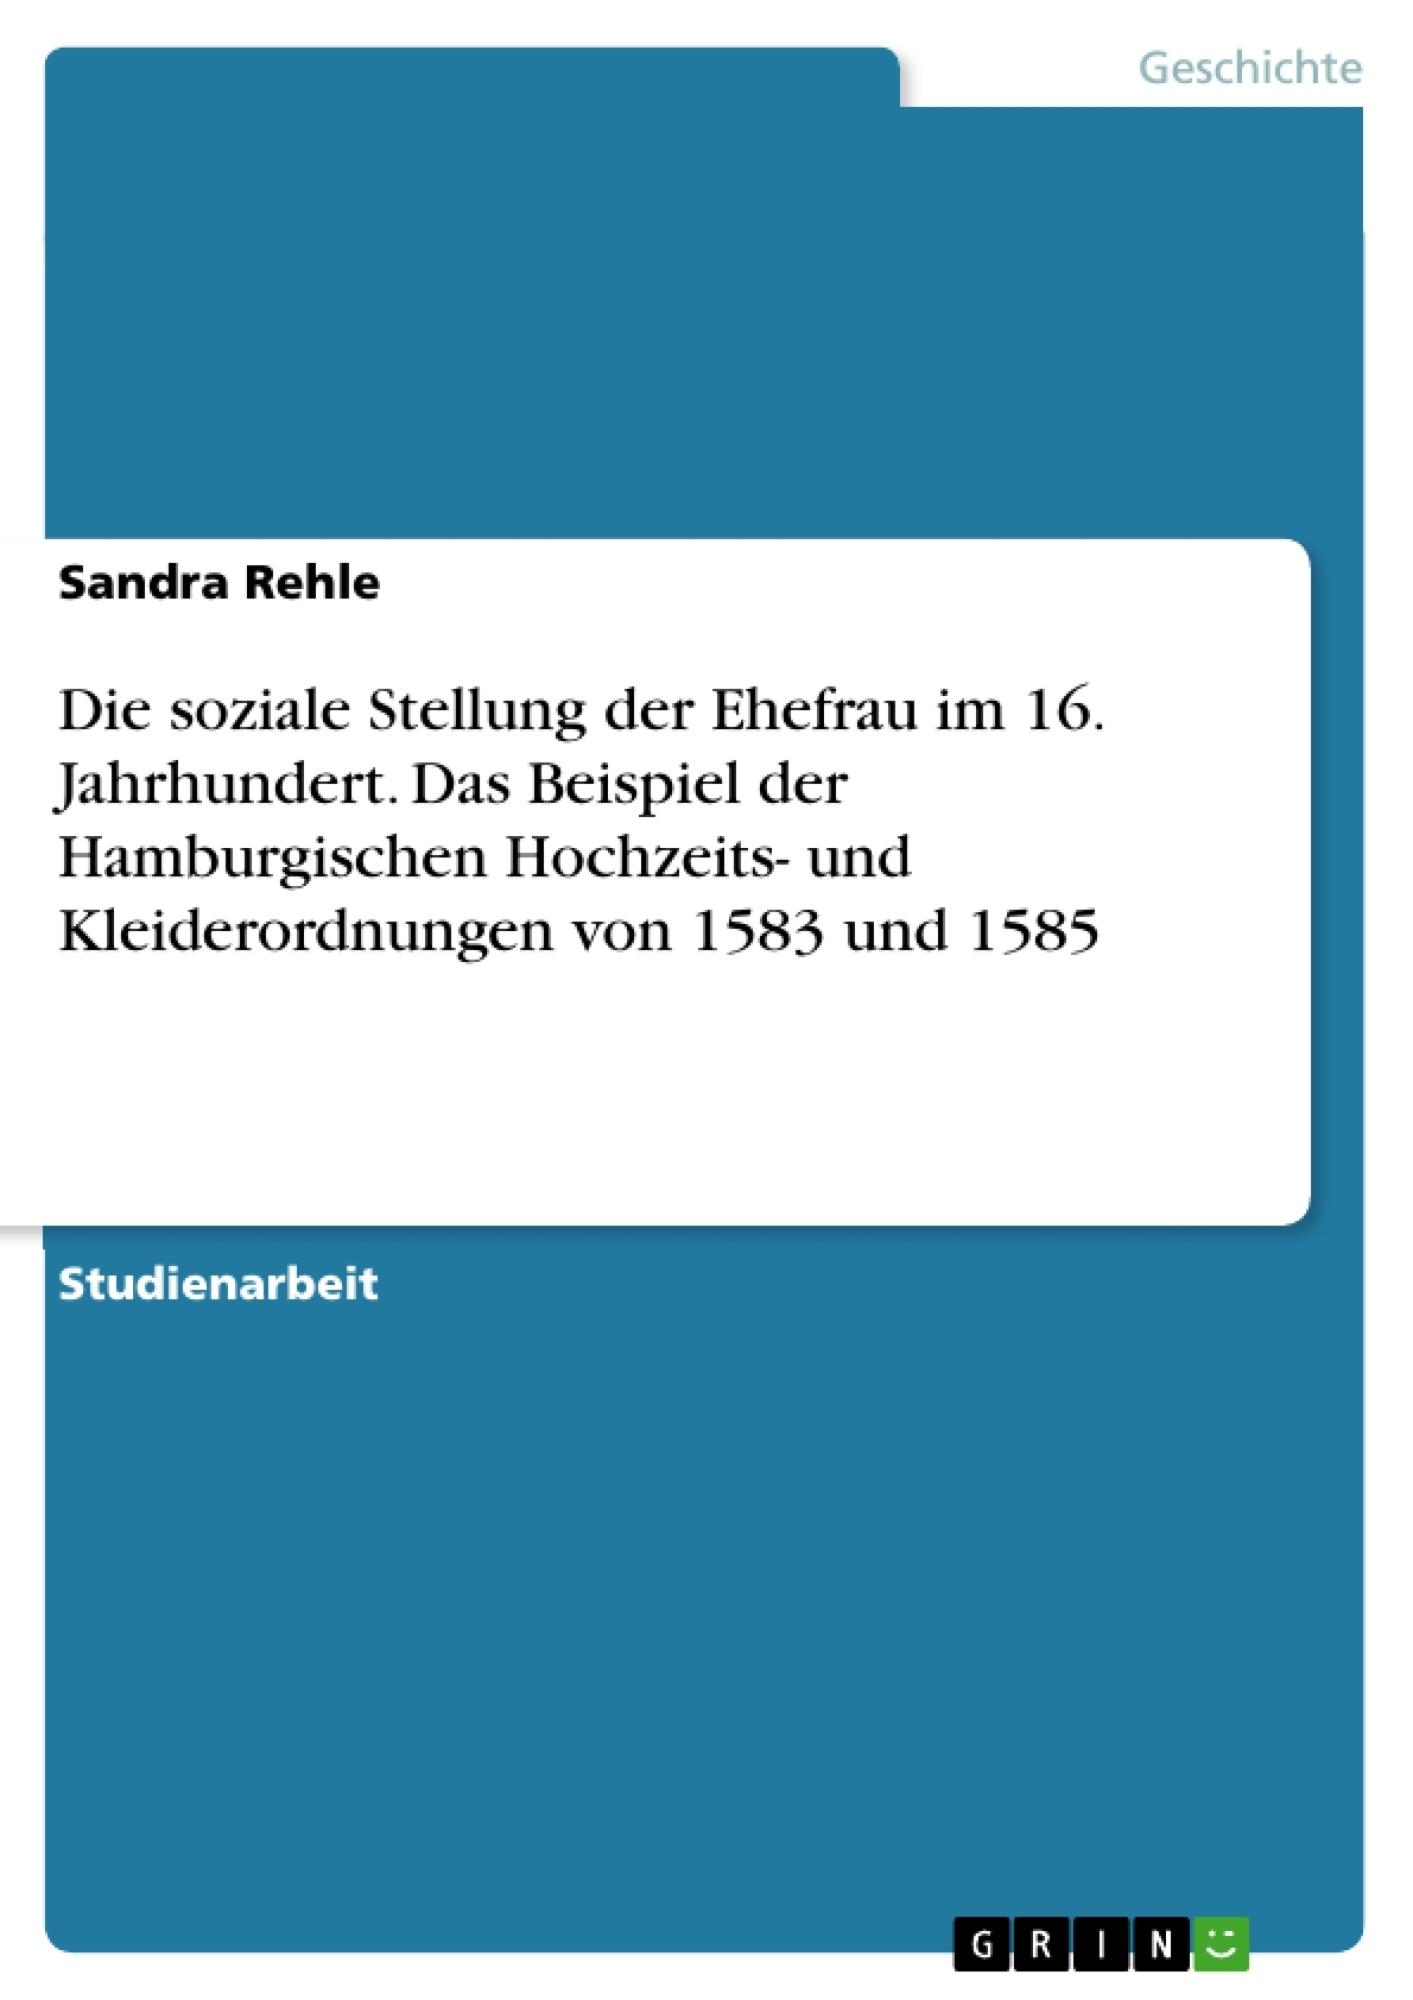 Titel: Die soziale Stellung der Ehefrau im 16. Jahrhundert. Das Beispiel der Hamburgischen Hochzeits- und Kleiderordnungen von 1583 und 1585